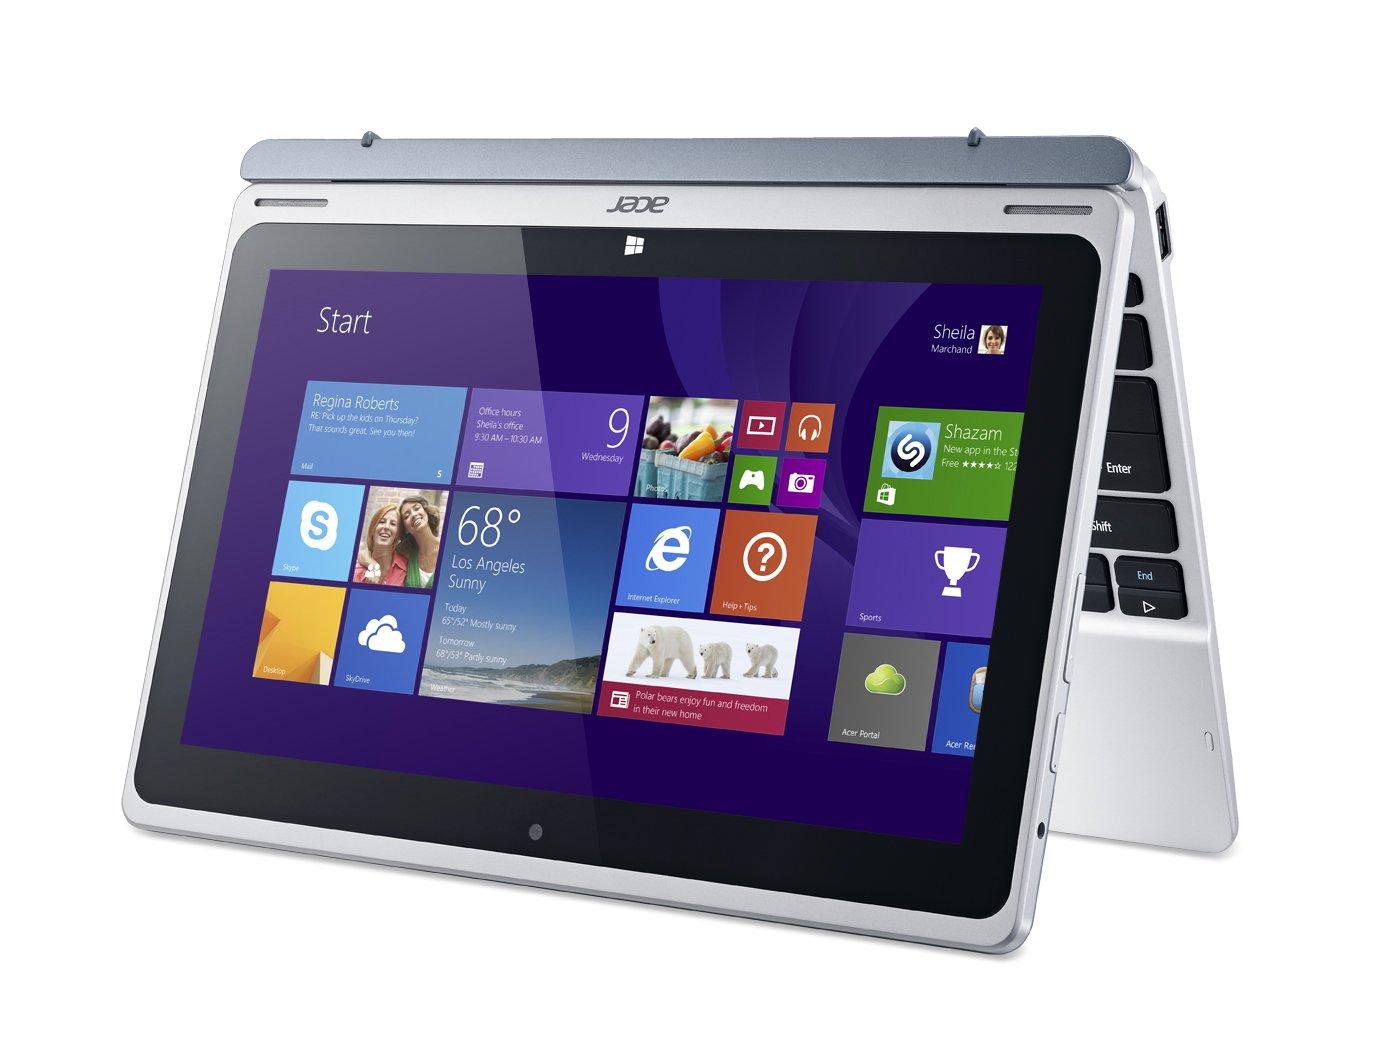 Acer Aspire Switch 10 SW5-011-11JE - Ordenador portátil (Híbrido (2-en-1), Touchpad, Windows 8.1, Polímero de litio, 32-bit, Plata): Amazon.es: Informática